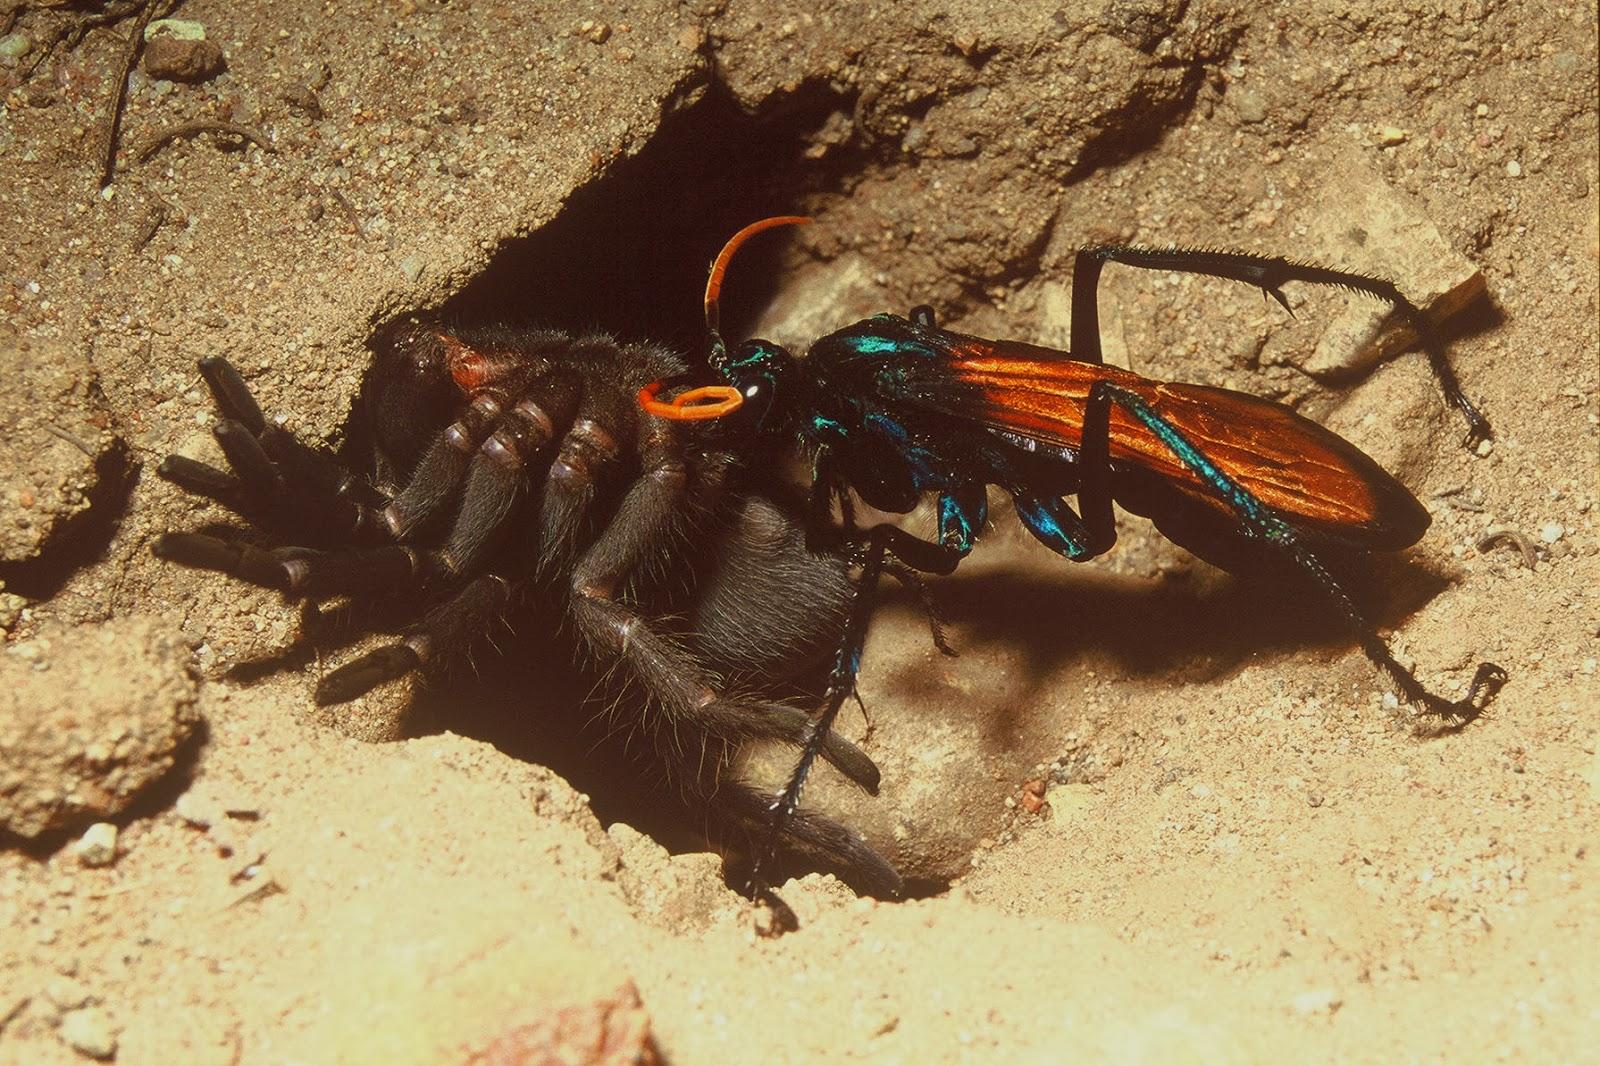 Las avispas comen arañas